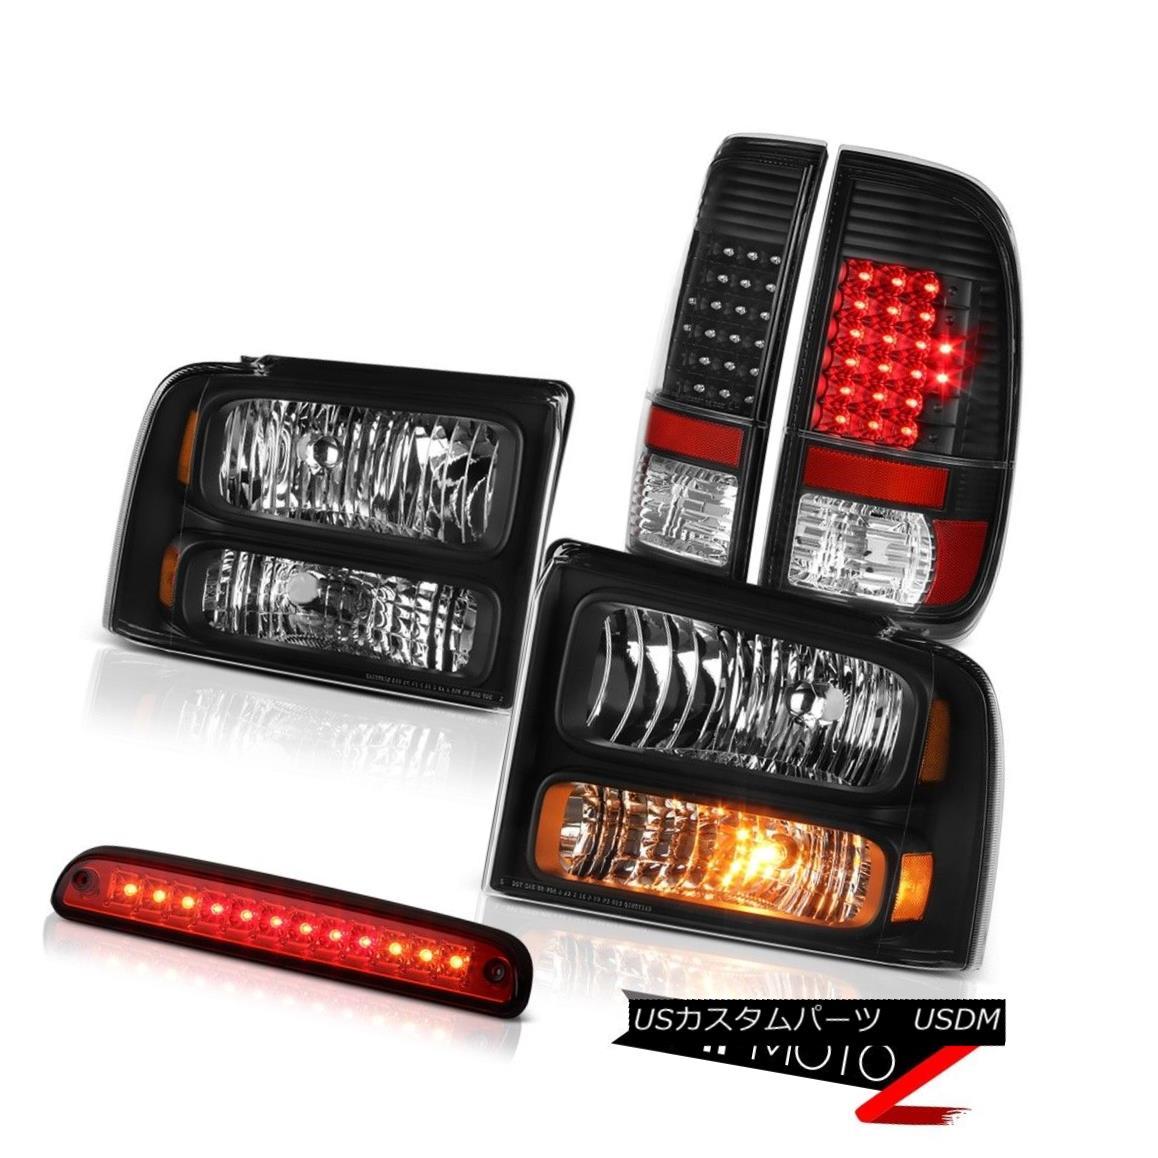 テールライト 2005 2006 2007 F350 XL Satin Black Headlamps Brake Tail Lights High Stop LED Red 2005 2006 2007 F350 XLサテンブラックヘッドランプブレーキテールライトハイストップLEDレッド